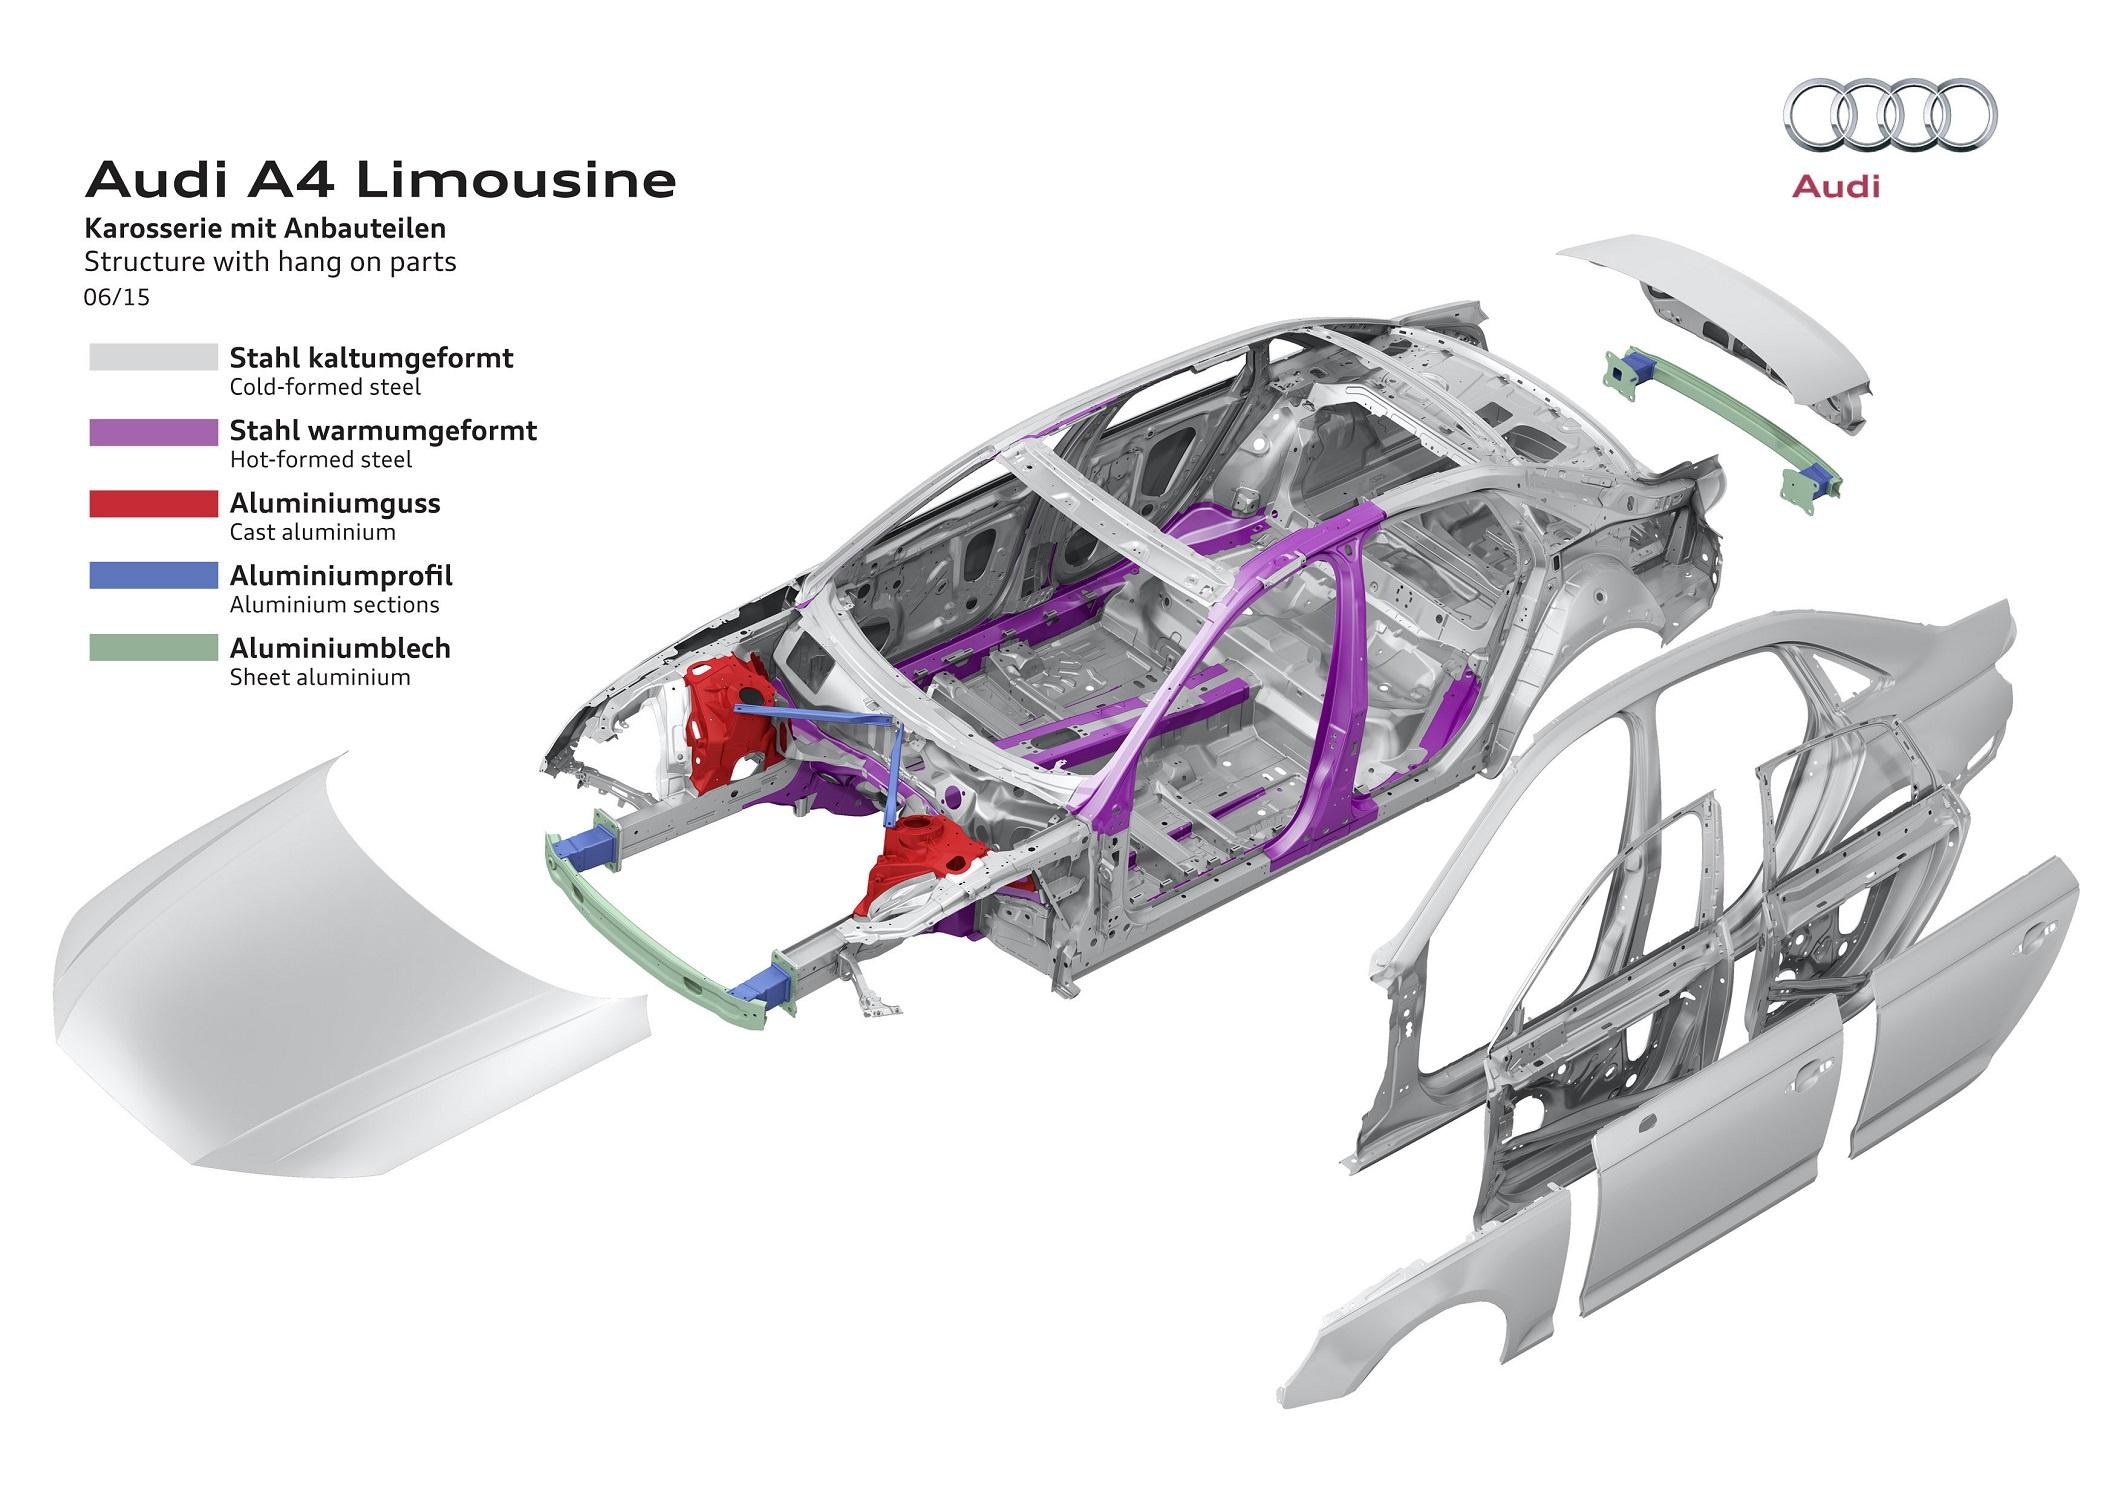 The new Audi A4: Lightweight design